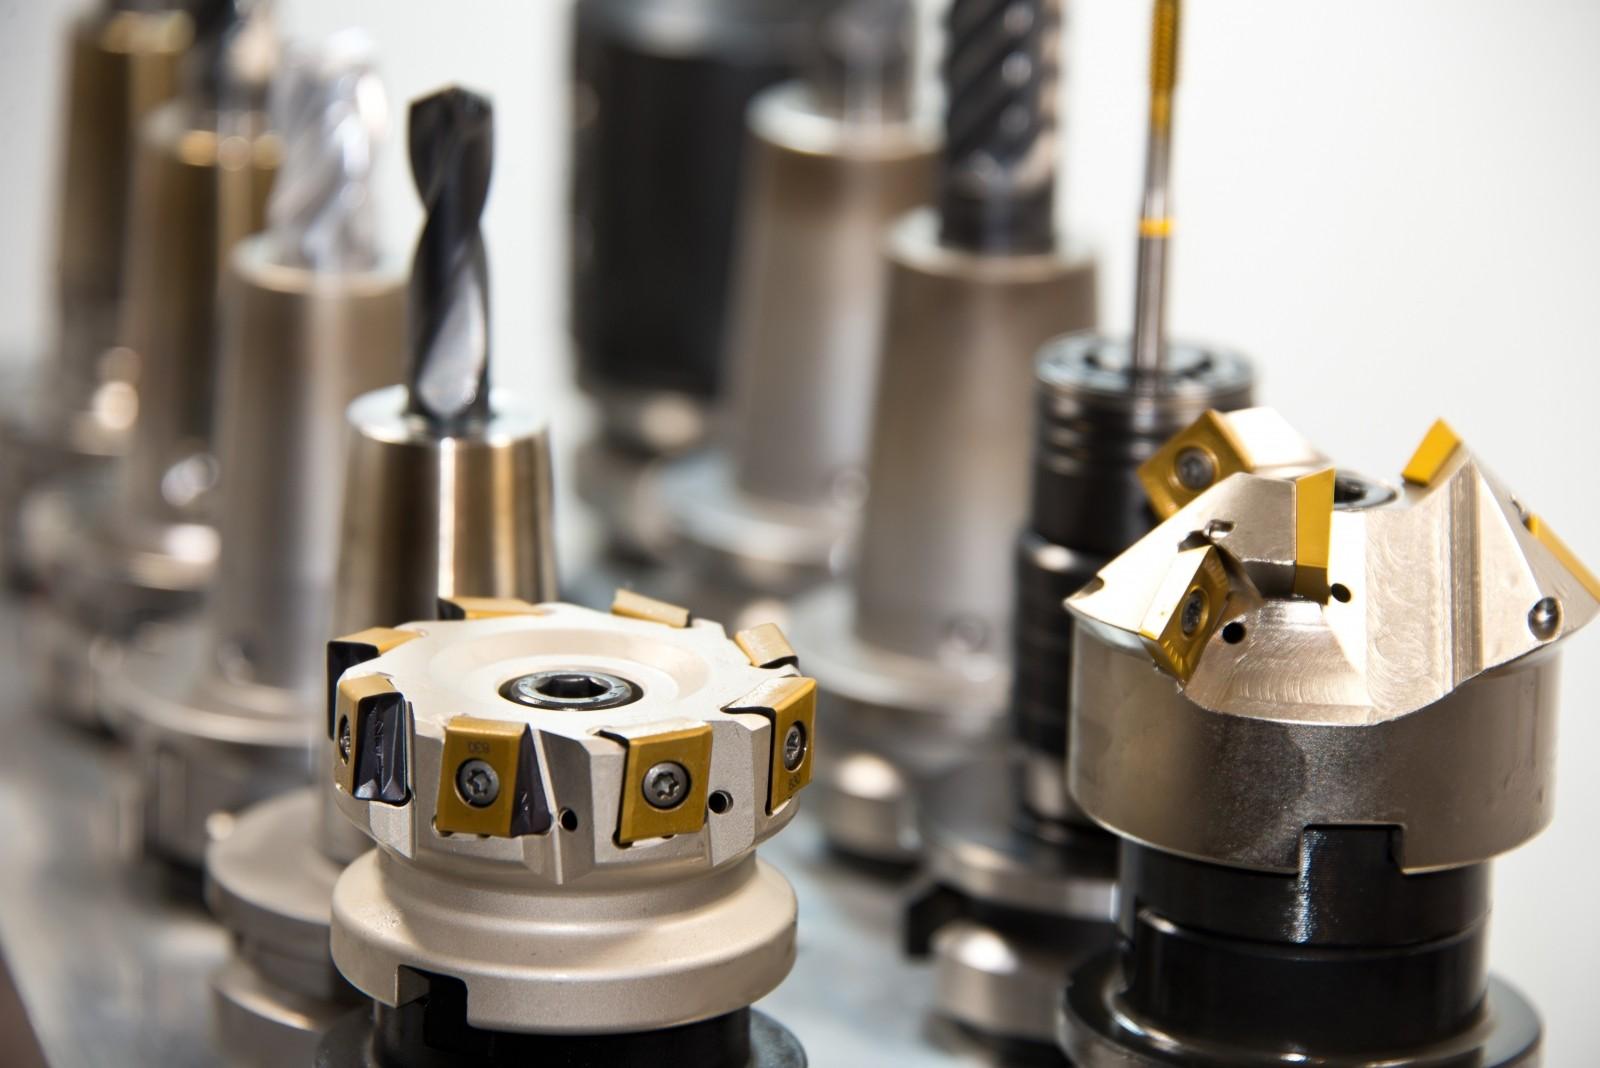 Obróbka CNC, czyli precyzyjne frezowanie, toczenie i gwintowanie